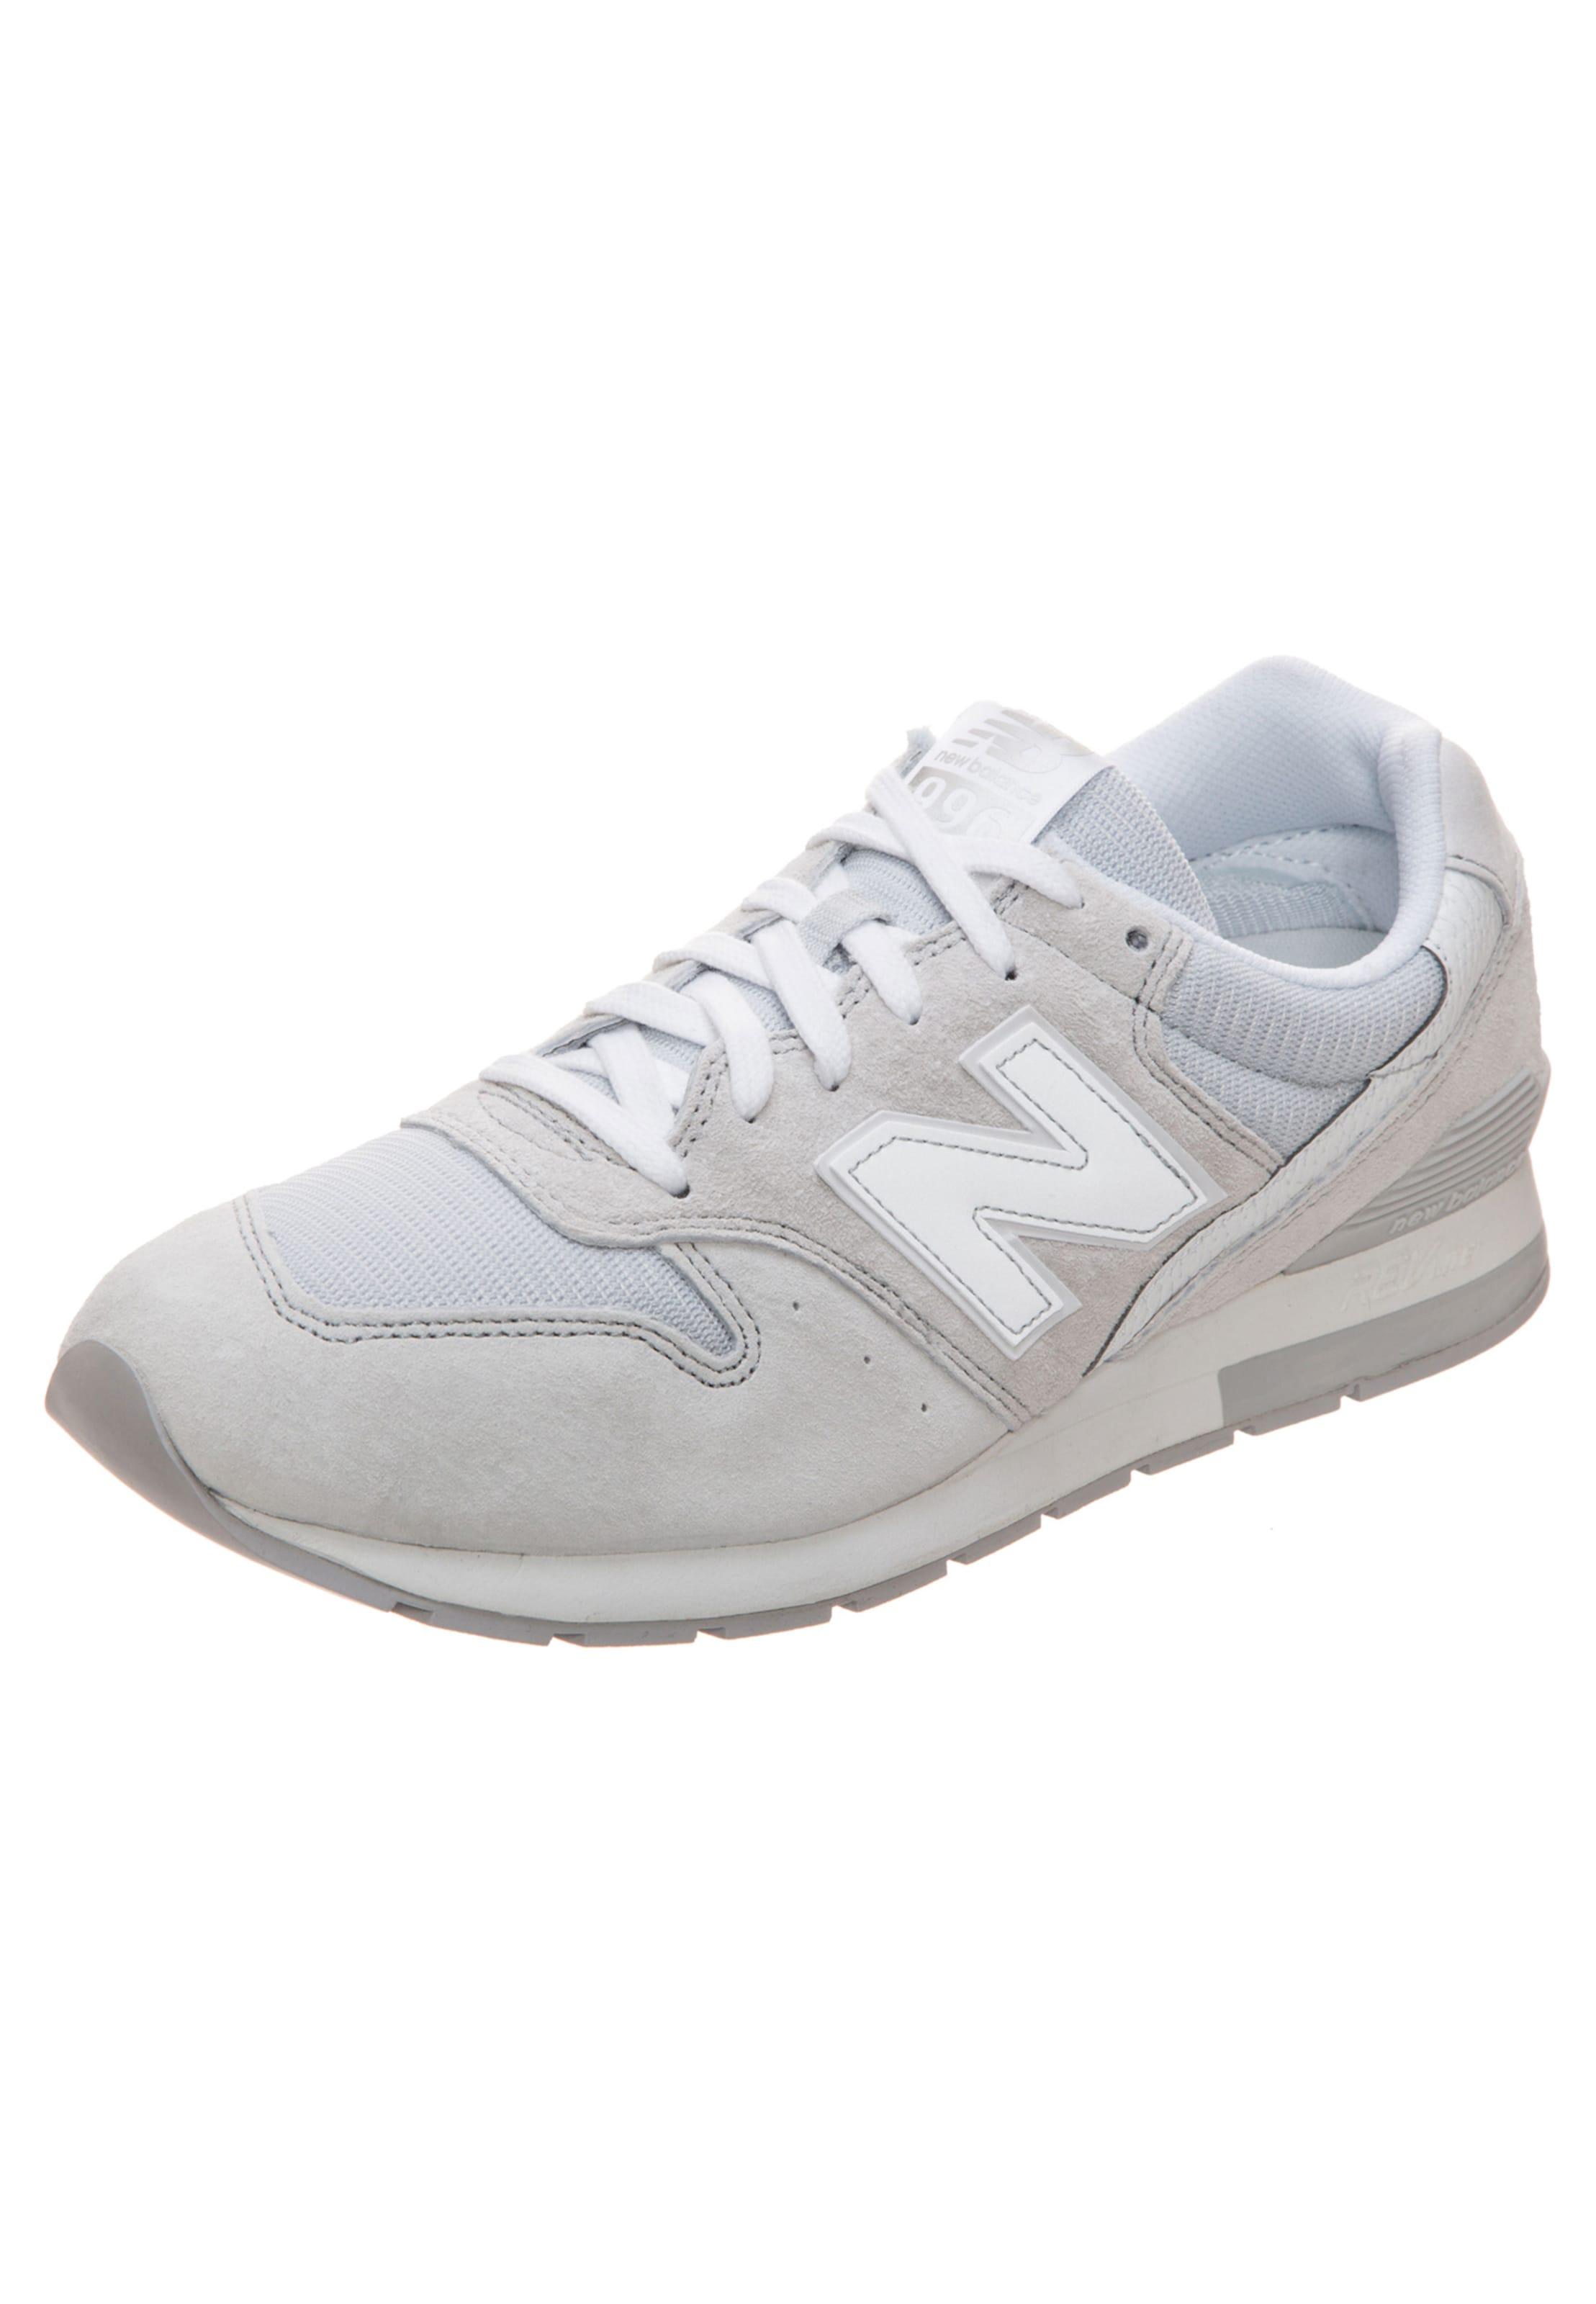 new balance Sneaker MRL996-PH-D Verschleißfeste billige Schuhe